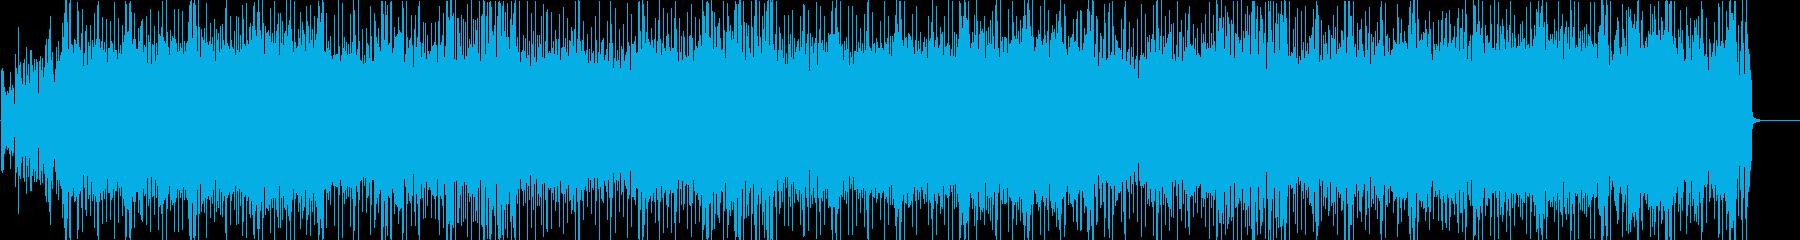 ディスコ  躍動 軽快 楽しいの再生済みの波形